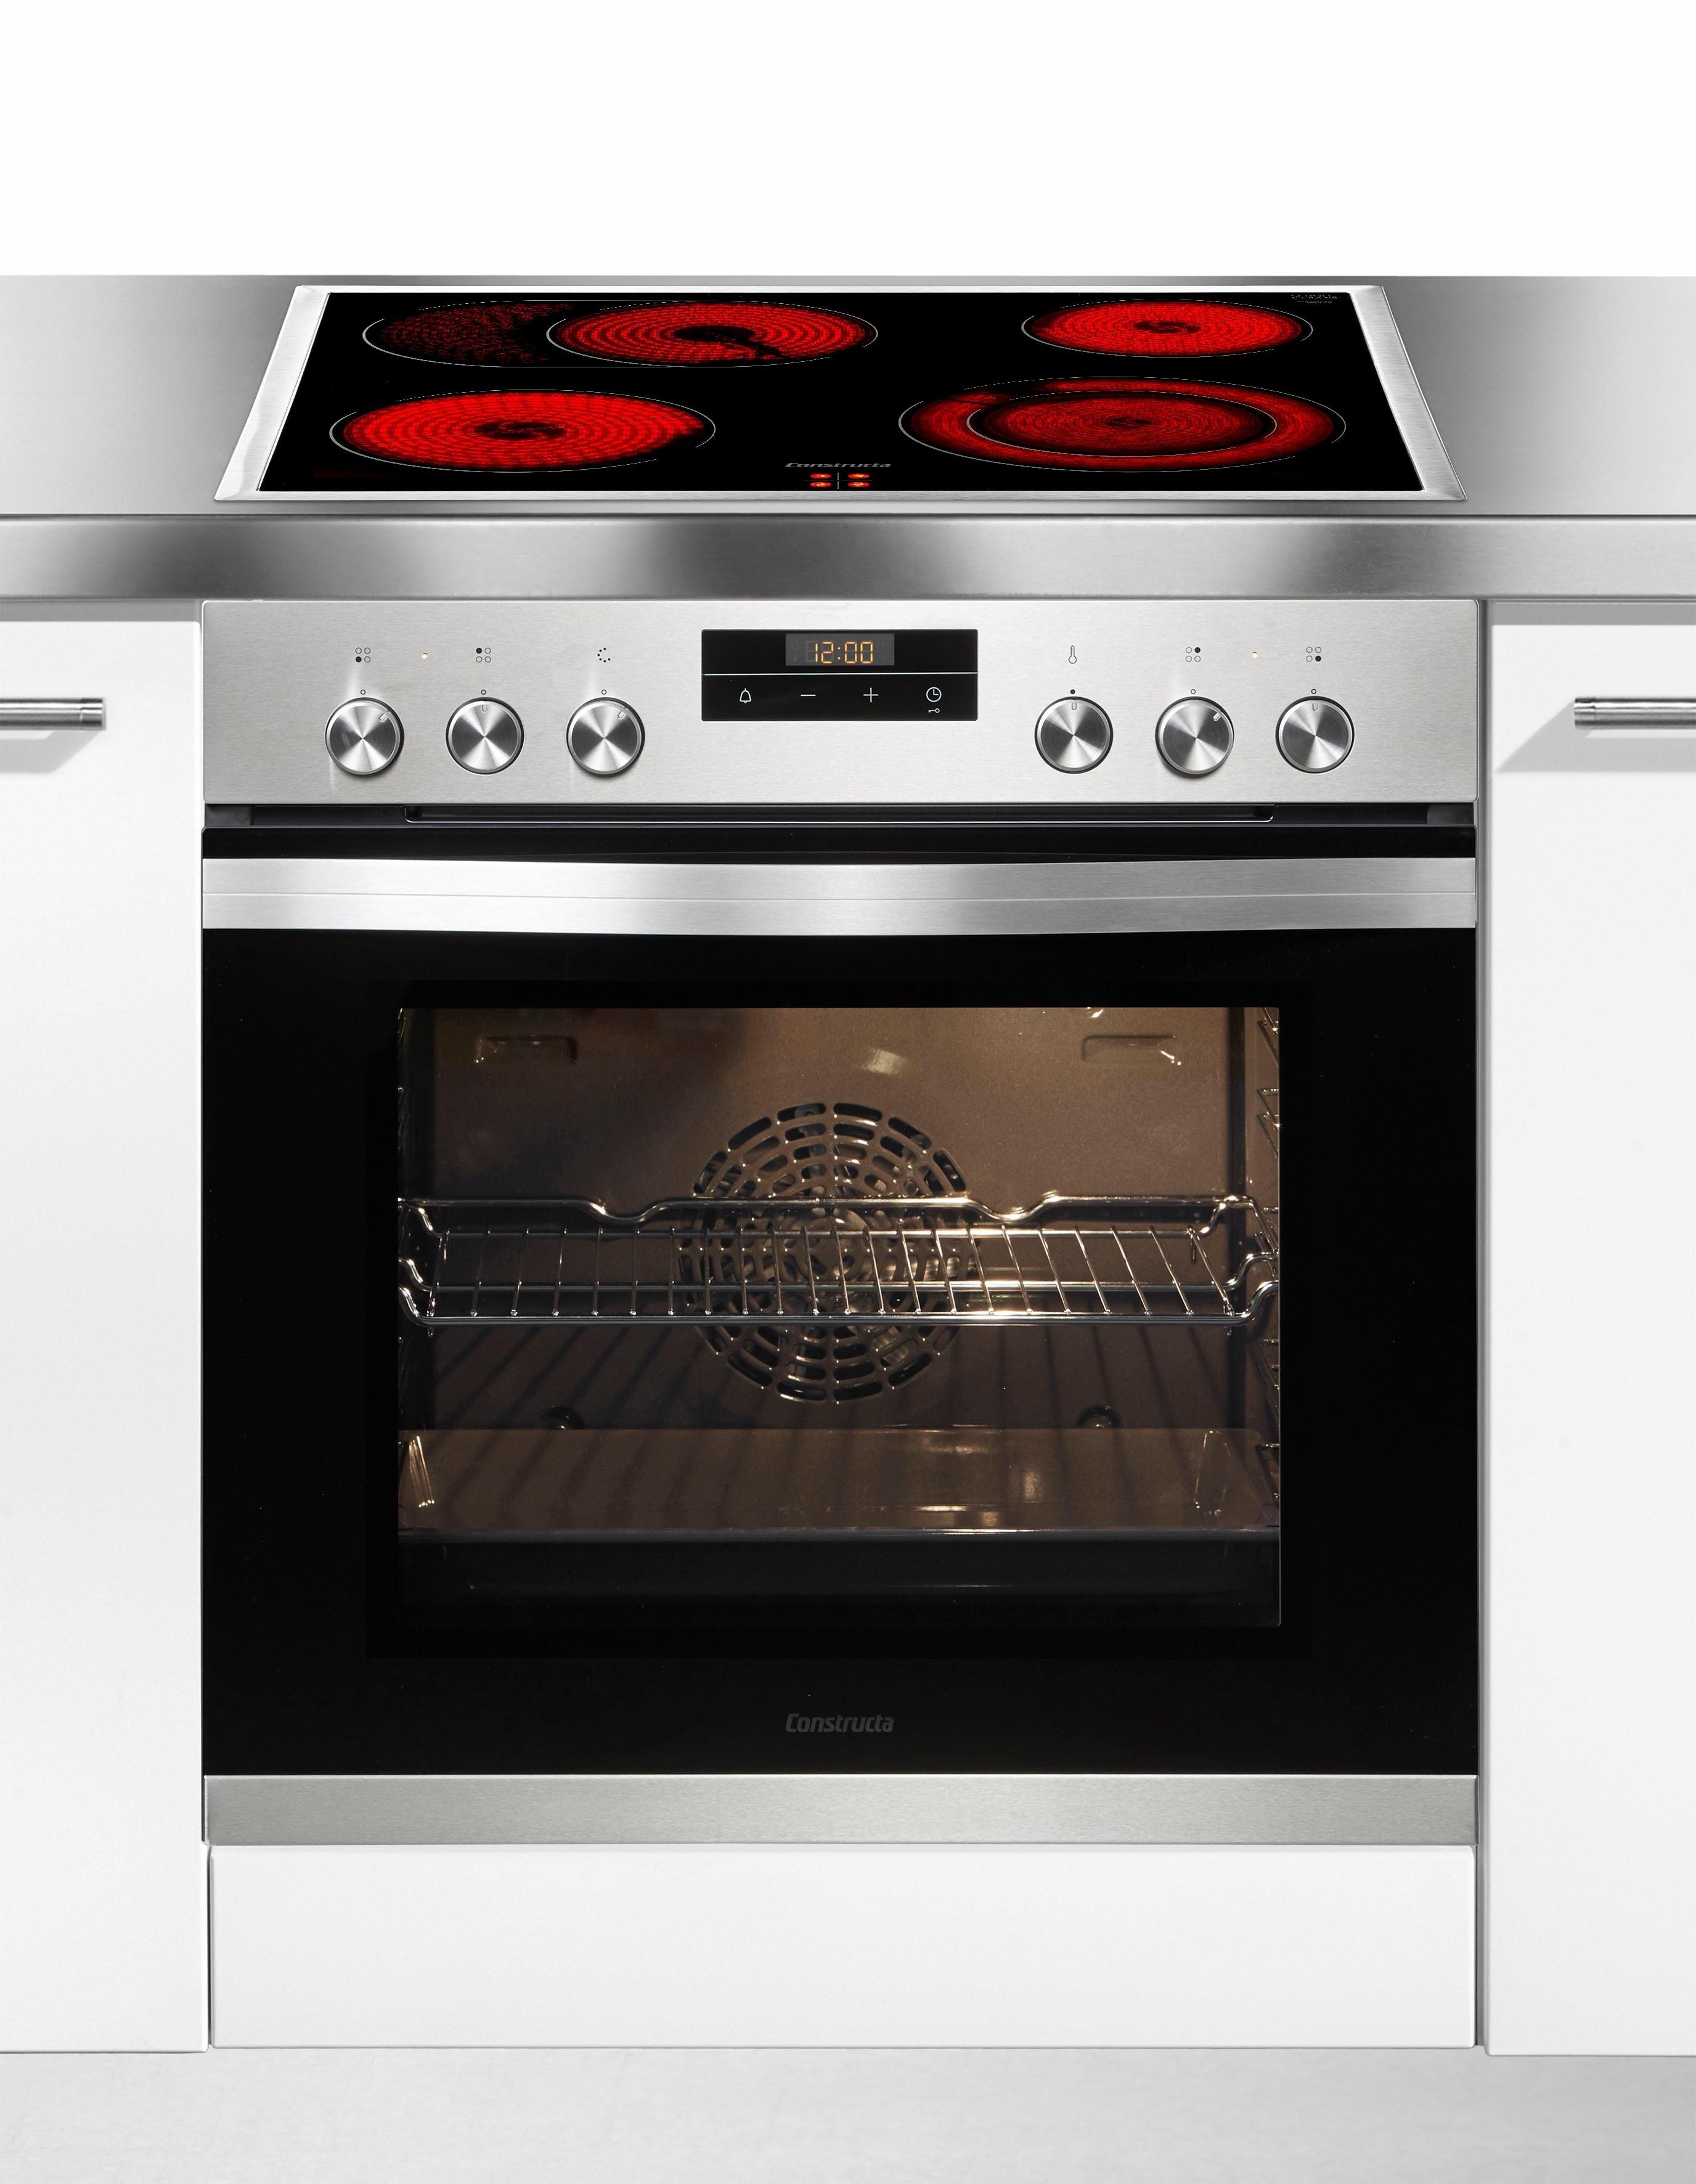 Constructa fornuisset CX5HS604 voordelig en veilig online kopen